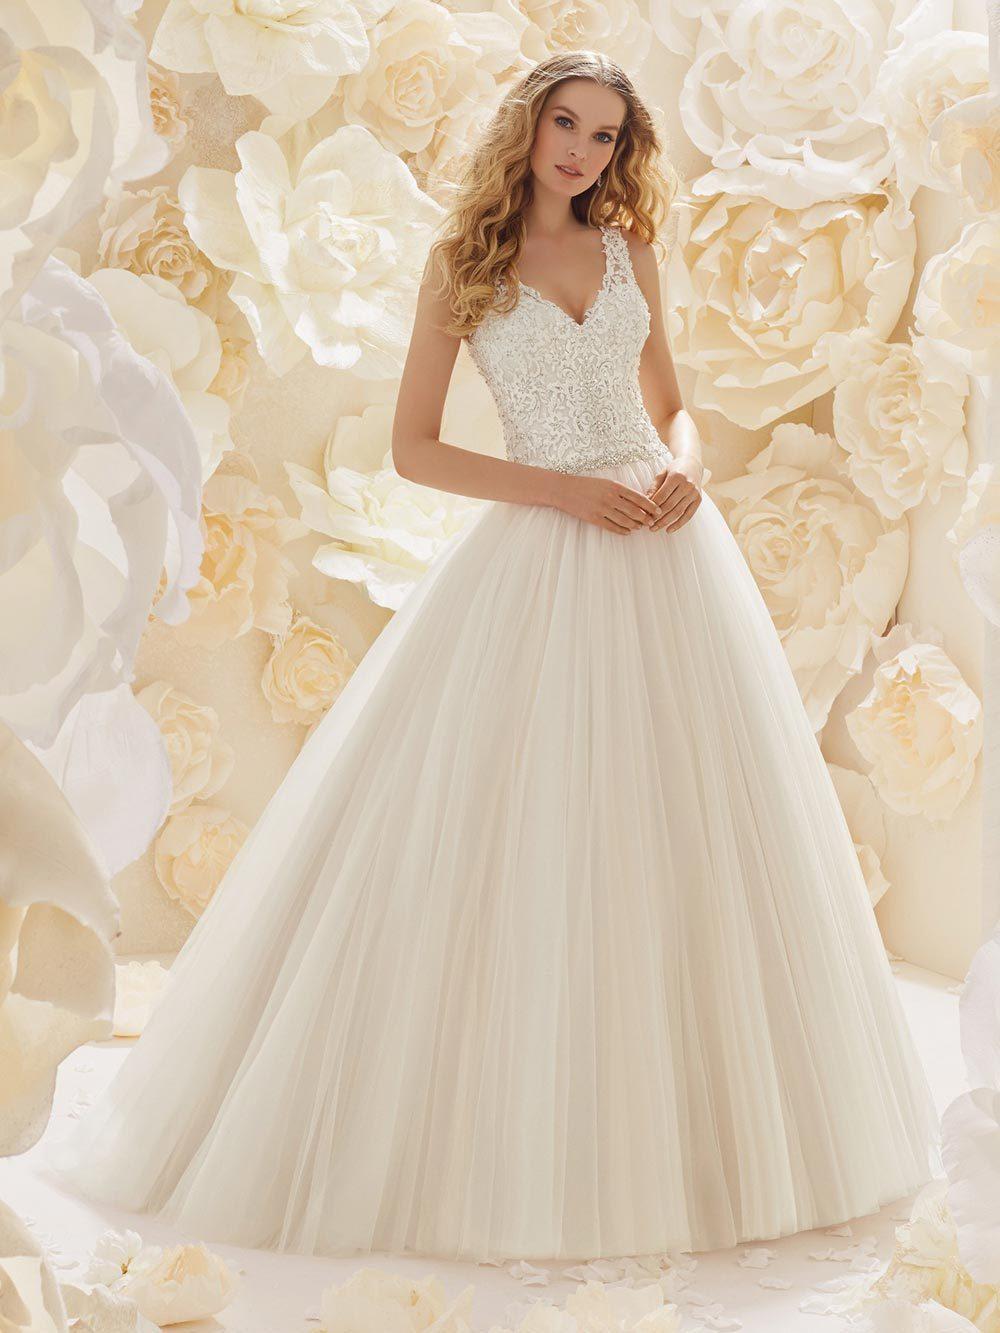 Brautkleid 51289 von Sofia Bianca auf Ja.de